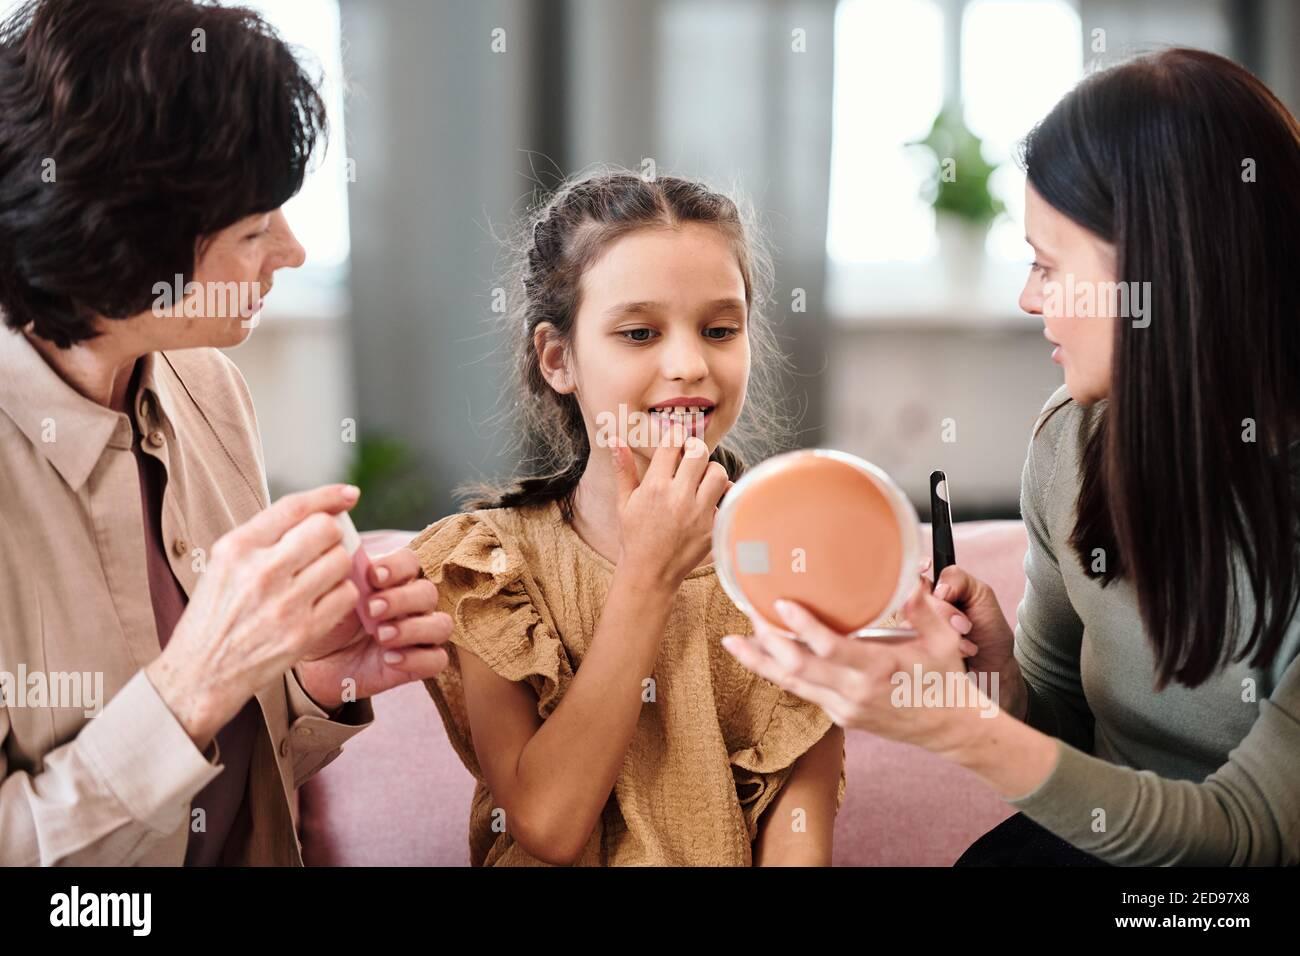 Linda niña en vestido aplicando bálsamo nutritivo en los labios mientras que mira en el espejo sostenido por la joven morena mujer dando su consejo de belleza Foto de stock